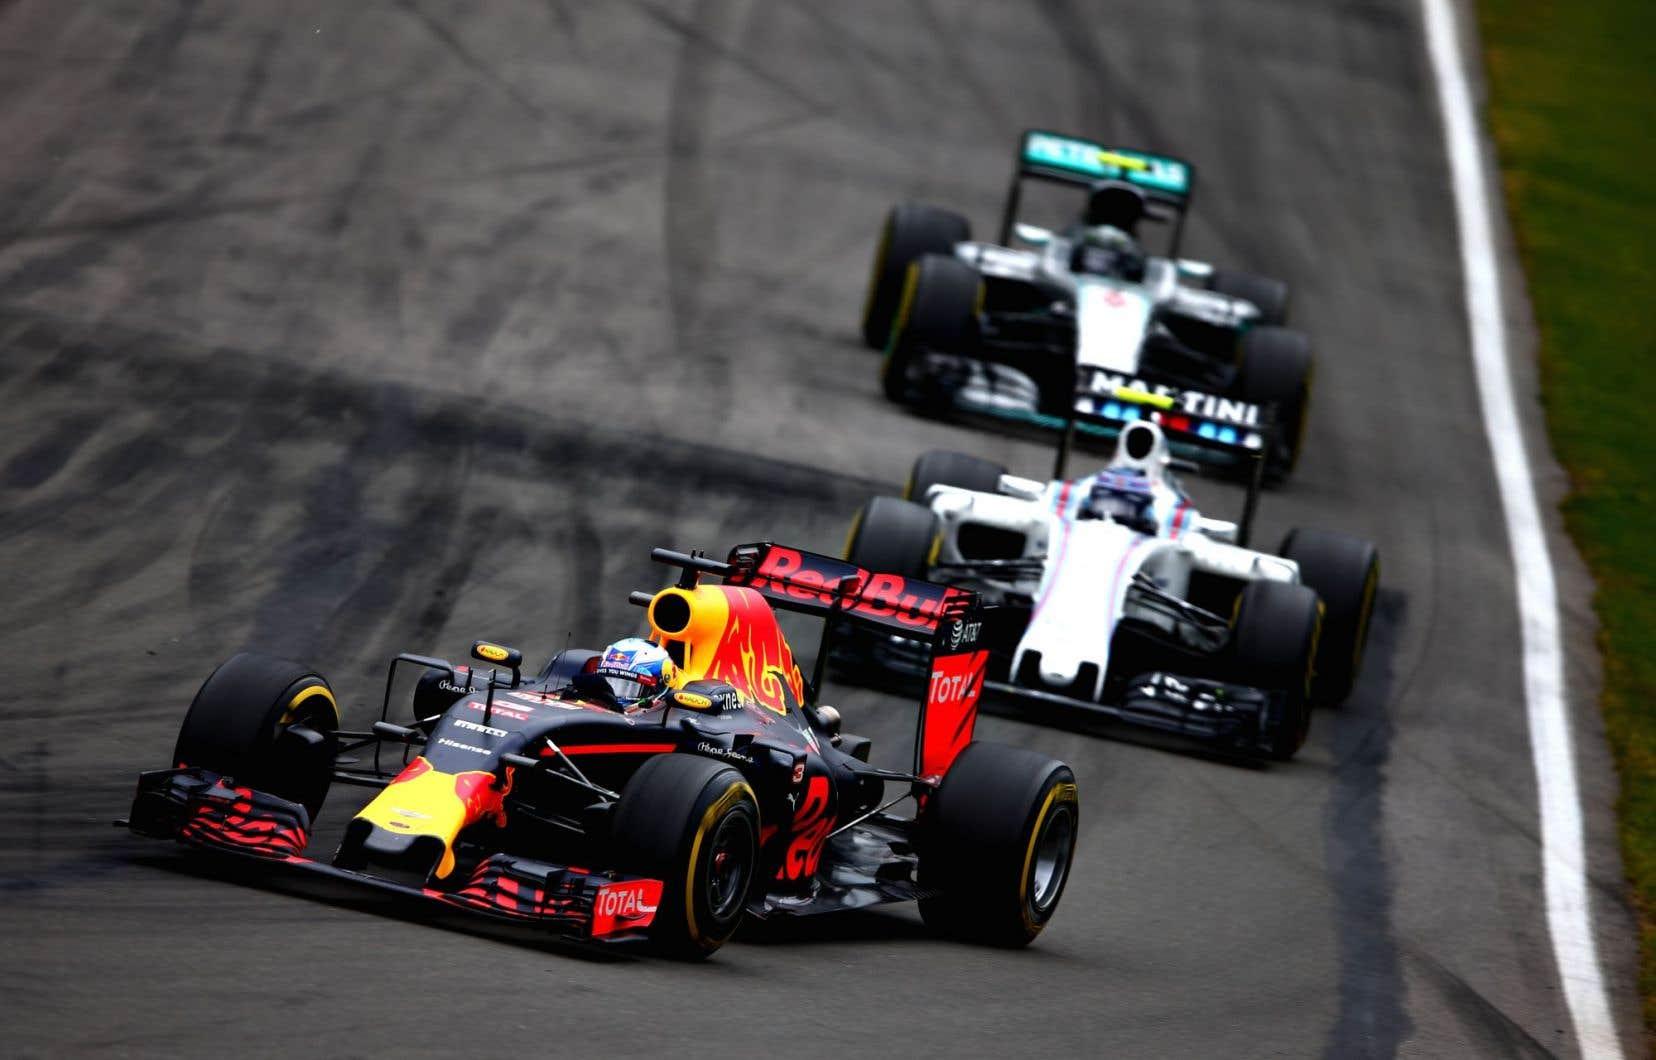 Le Grand Prix du Canada sera présenté sur le circuit Gilles-Villeneuve les 9, 10 et 11 juin prochains.